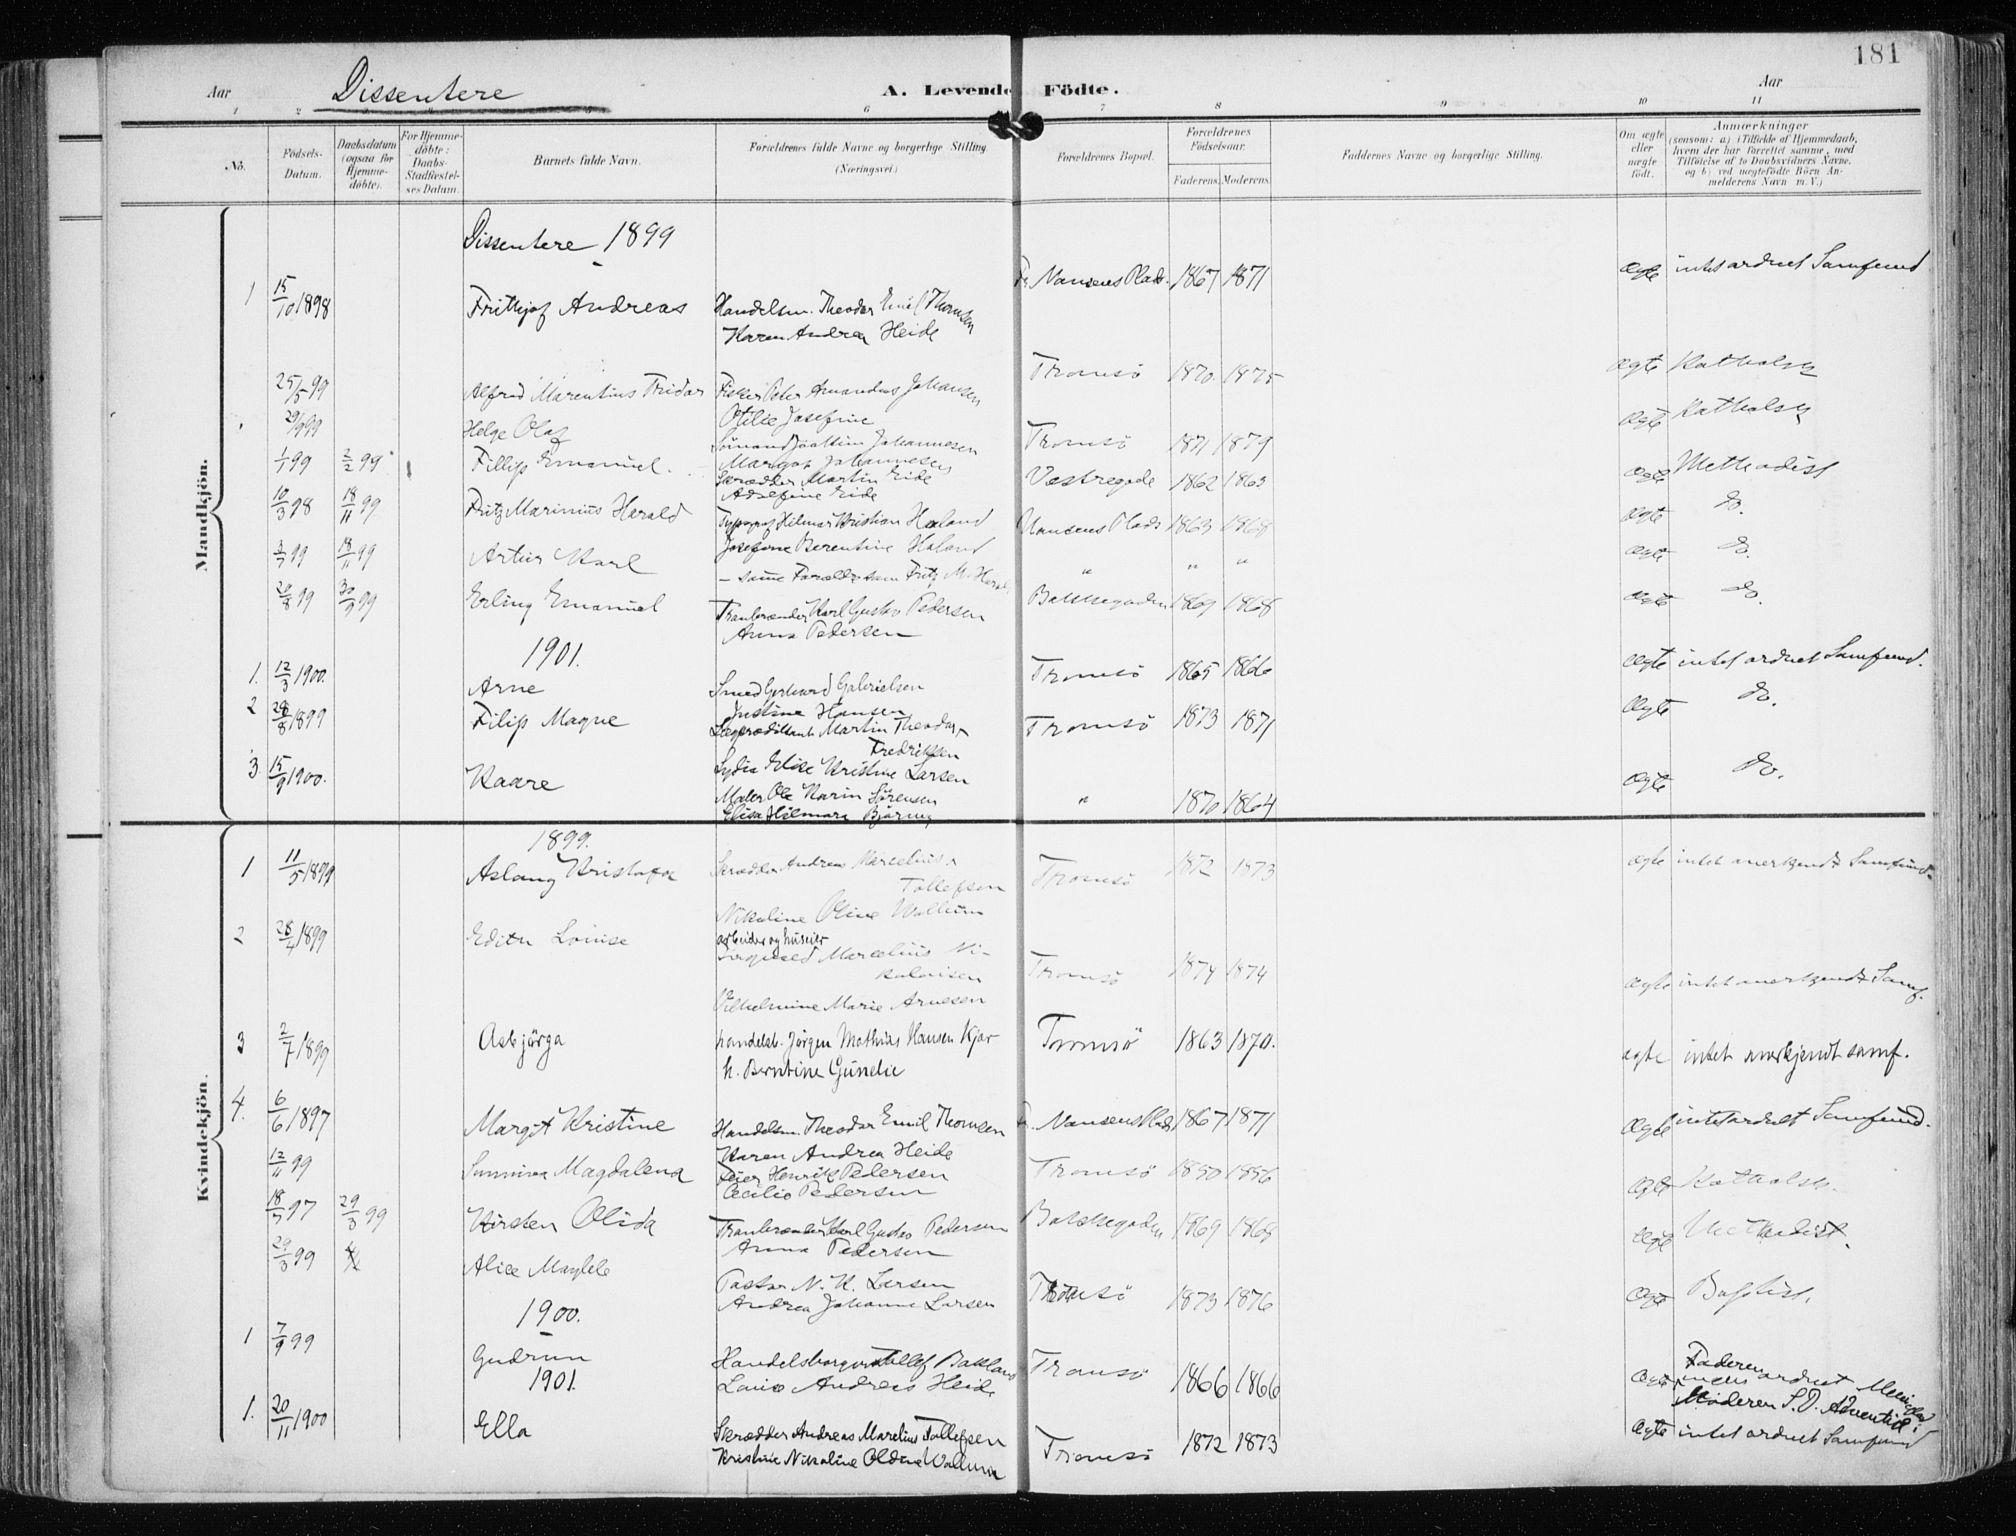 SATØ, Tromsø sokneprestkontor/stiftsprosti/domprosti, G/Ga/L0016kirke: Ministerialbok nr. 16, 1899-1906, s. 181